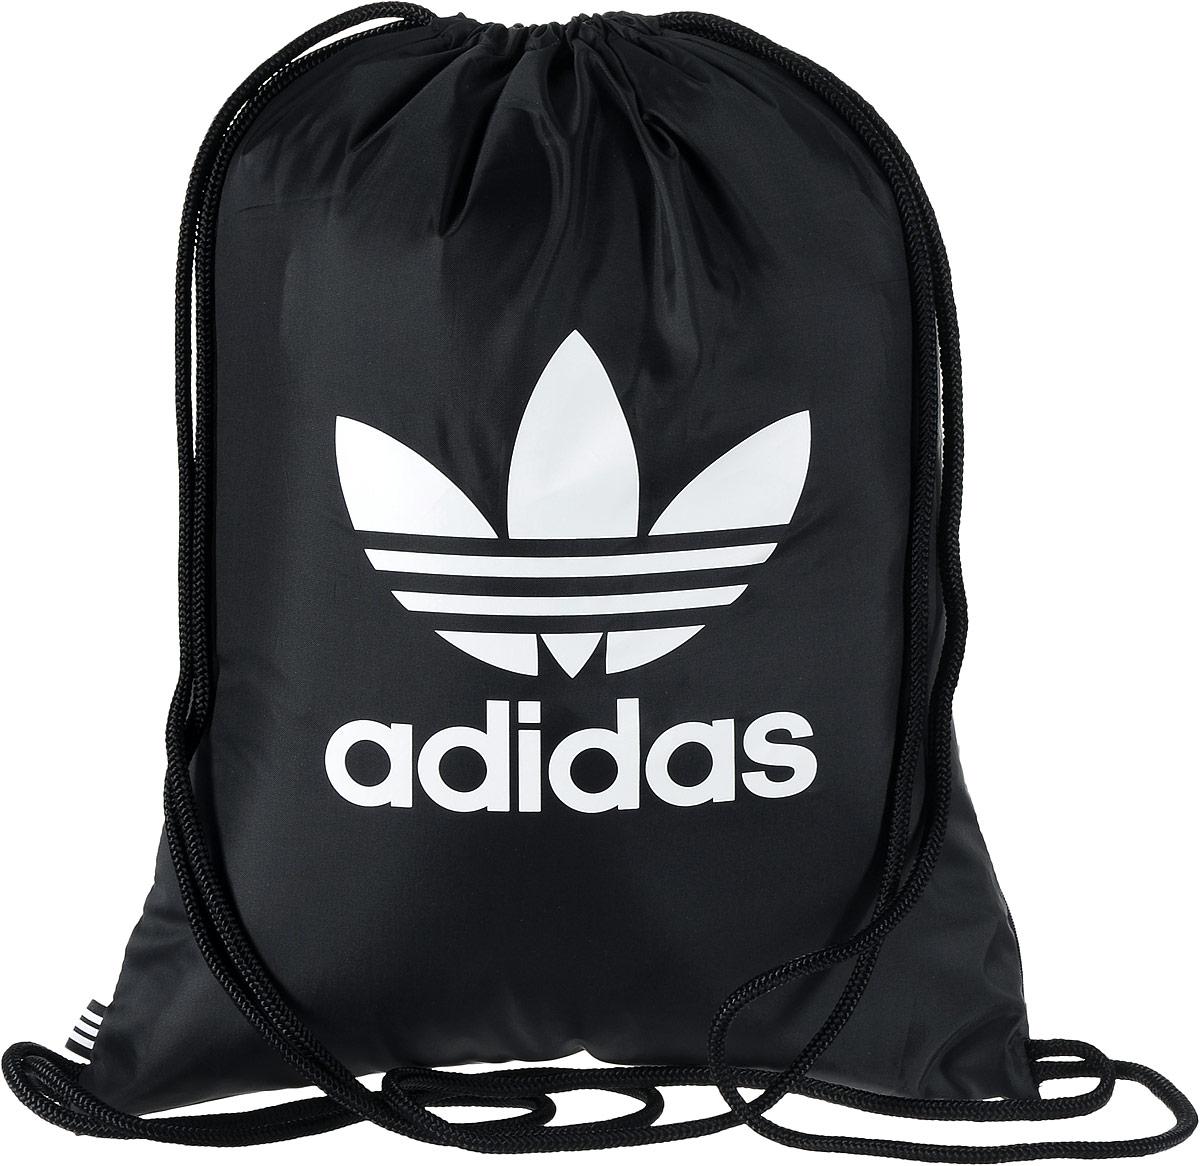 Рюкзак спортивный Adidas Trefoil, цвет: черный, 23 л. BK6726ГризлиСтильный спортивный рюкзак Adidas Trefoil выполнен из полиэстера и оформлен символикой бренда. Изделие имеет одно основное отделение, которое закрывается с помощью затягивающего шнурка.С внутренней стороны изделие оснащено удобной ручкой для переноски. Снаружи, с одной из боковых сторон находится прорезной карман на застежке-молнии. Веревочные завязки можно использовать как наплечные лямки. Стильный и функциональный рюкзак поместит все необходимое.